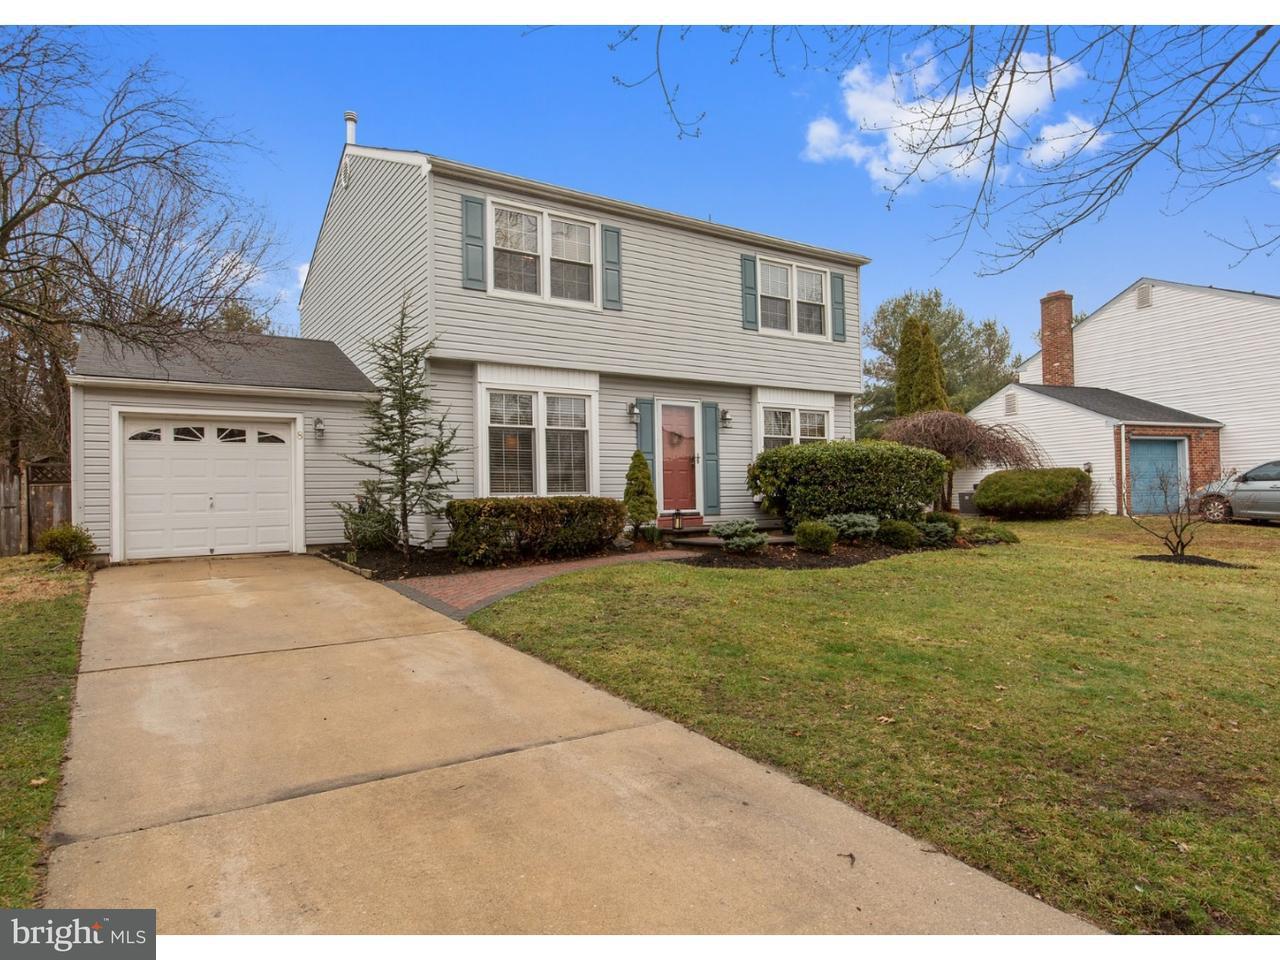 Maison unifamiliale pour l Vente à 8 ADAMS Drive Laurel Springs, New Jersey 08021 États-Unis